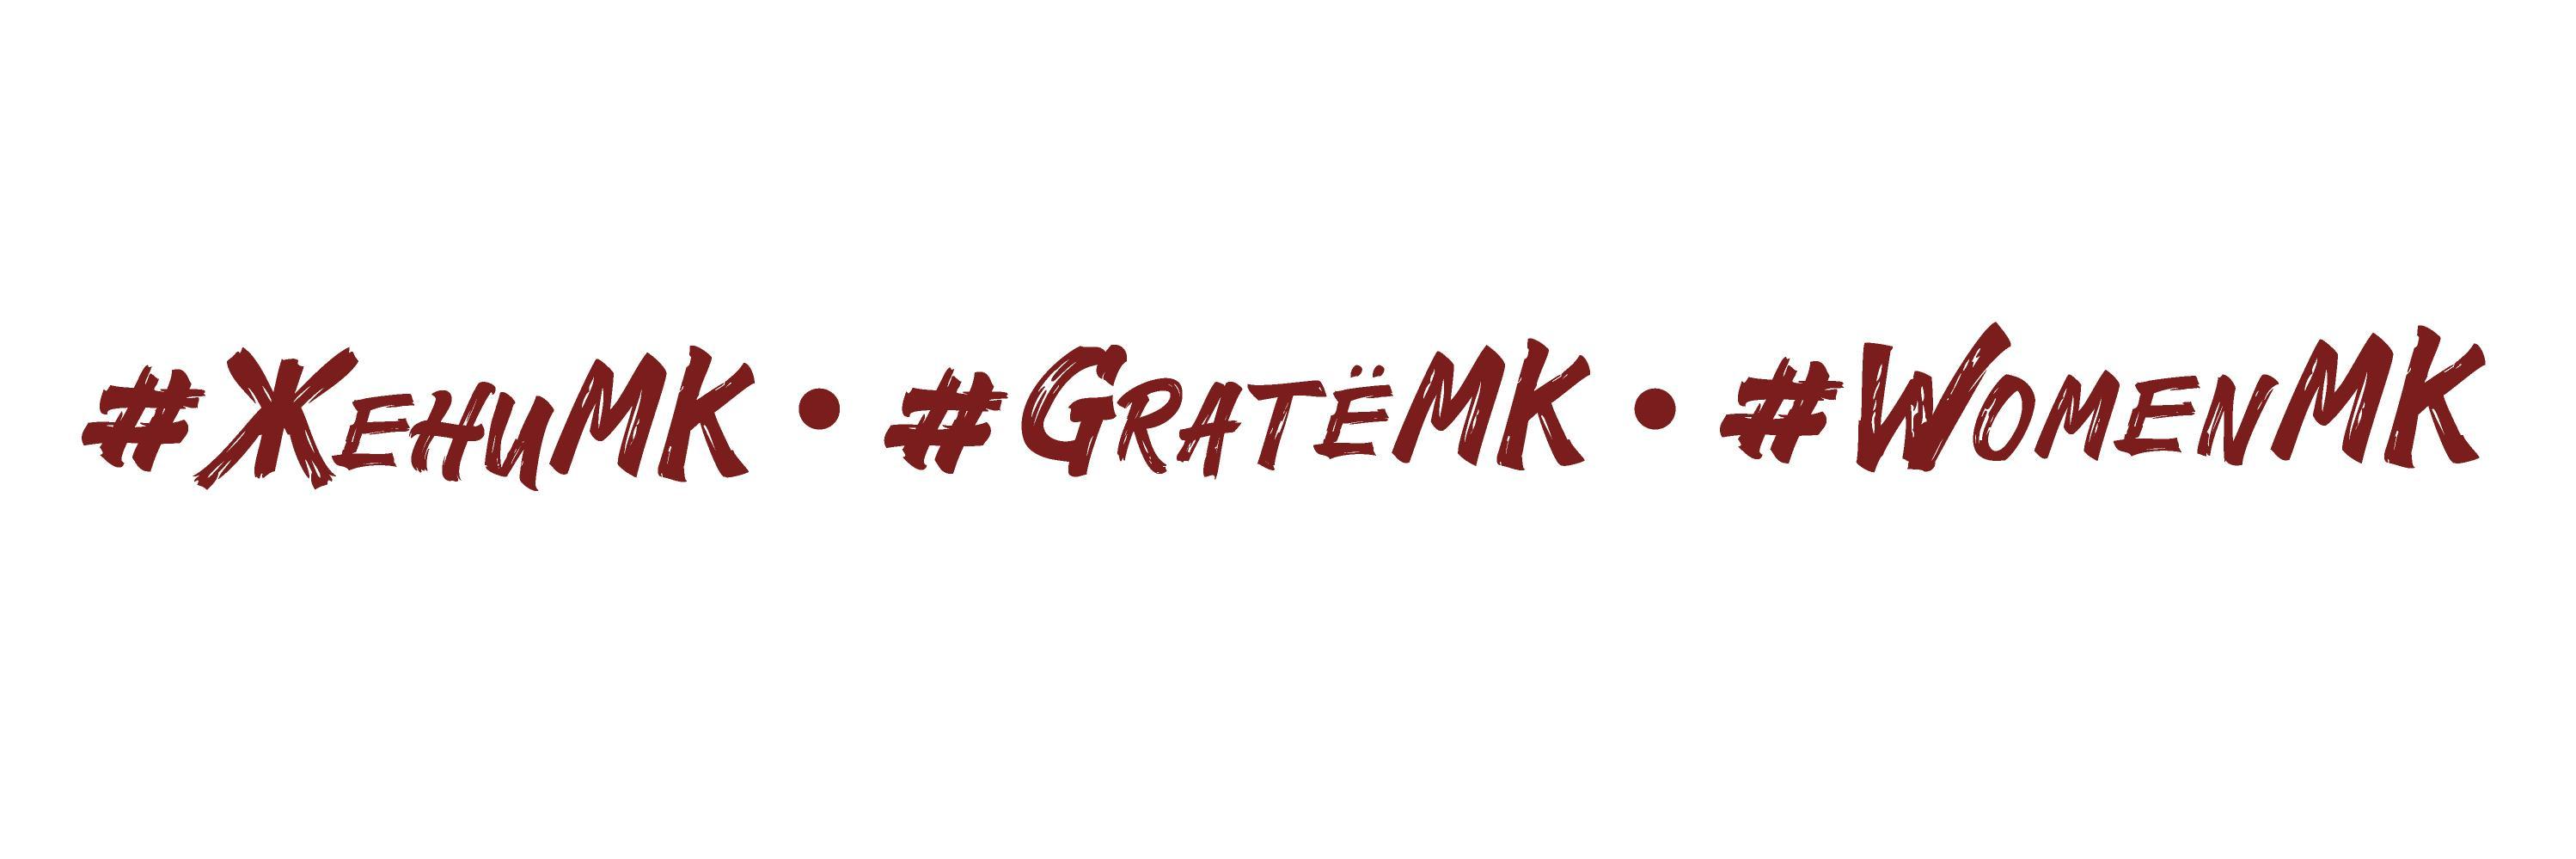 Мена Спировска – Менче - првата академски образована ликовна уметничка во Македонија #ЖениМК • #GratëMK • #WomenMK https://t.co/i4tendzoyQ